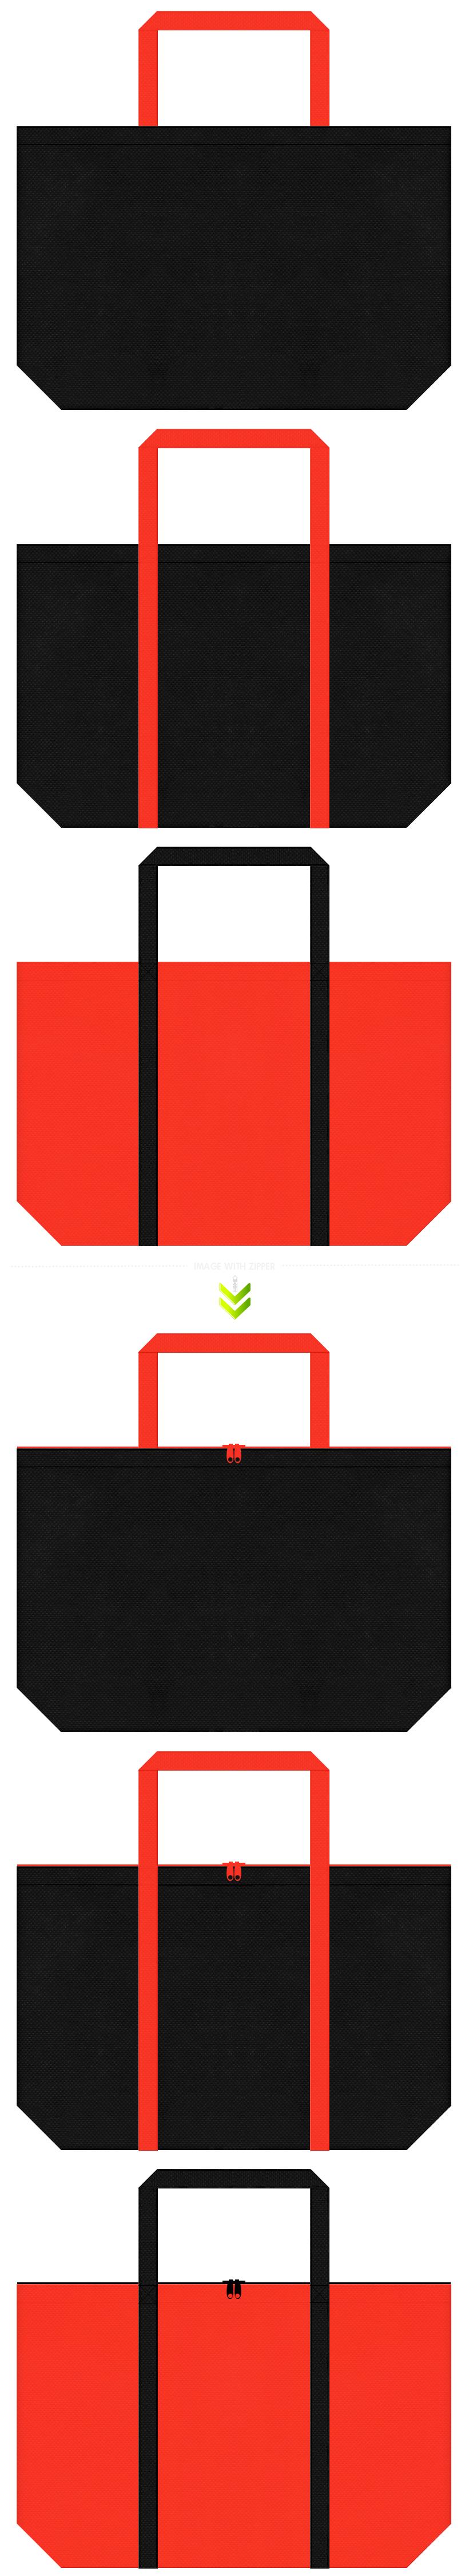 ハロウィン・ユニフォーム・運動靴・アウトドア・スポーツバッグにお奨めの不織布バッグデザイン:黒色とオレンジ色のコーデ